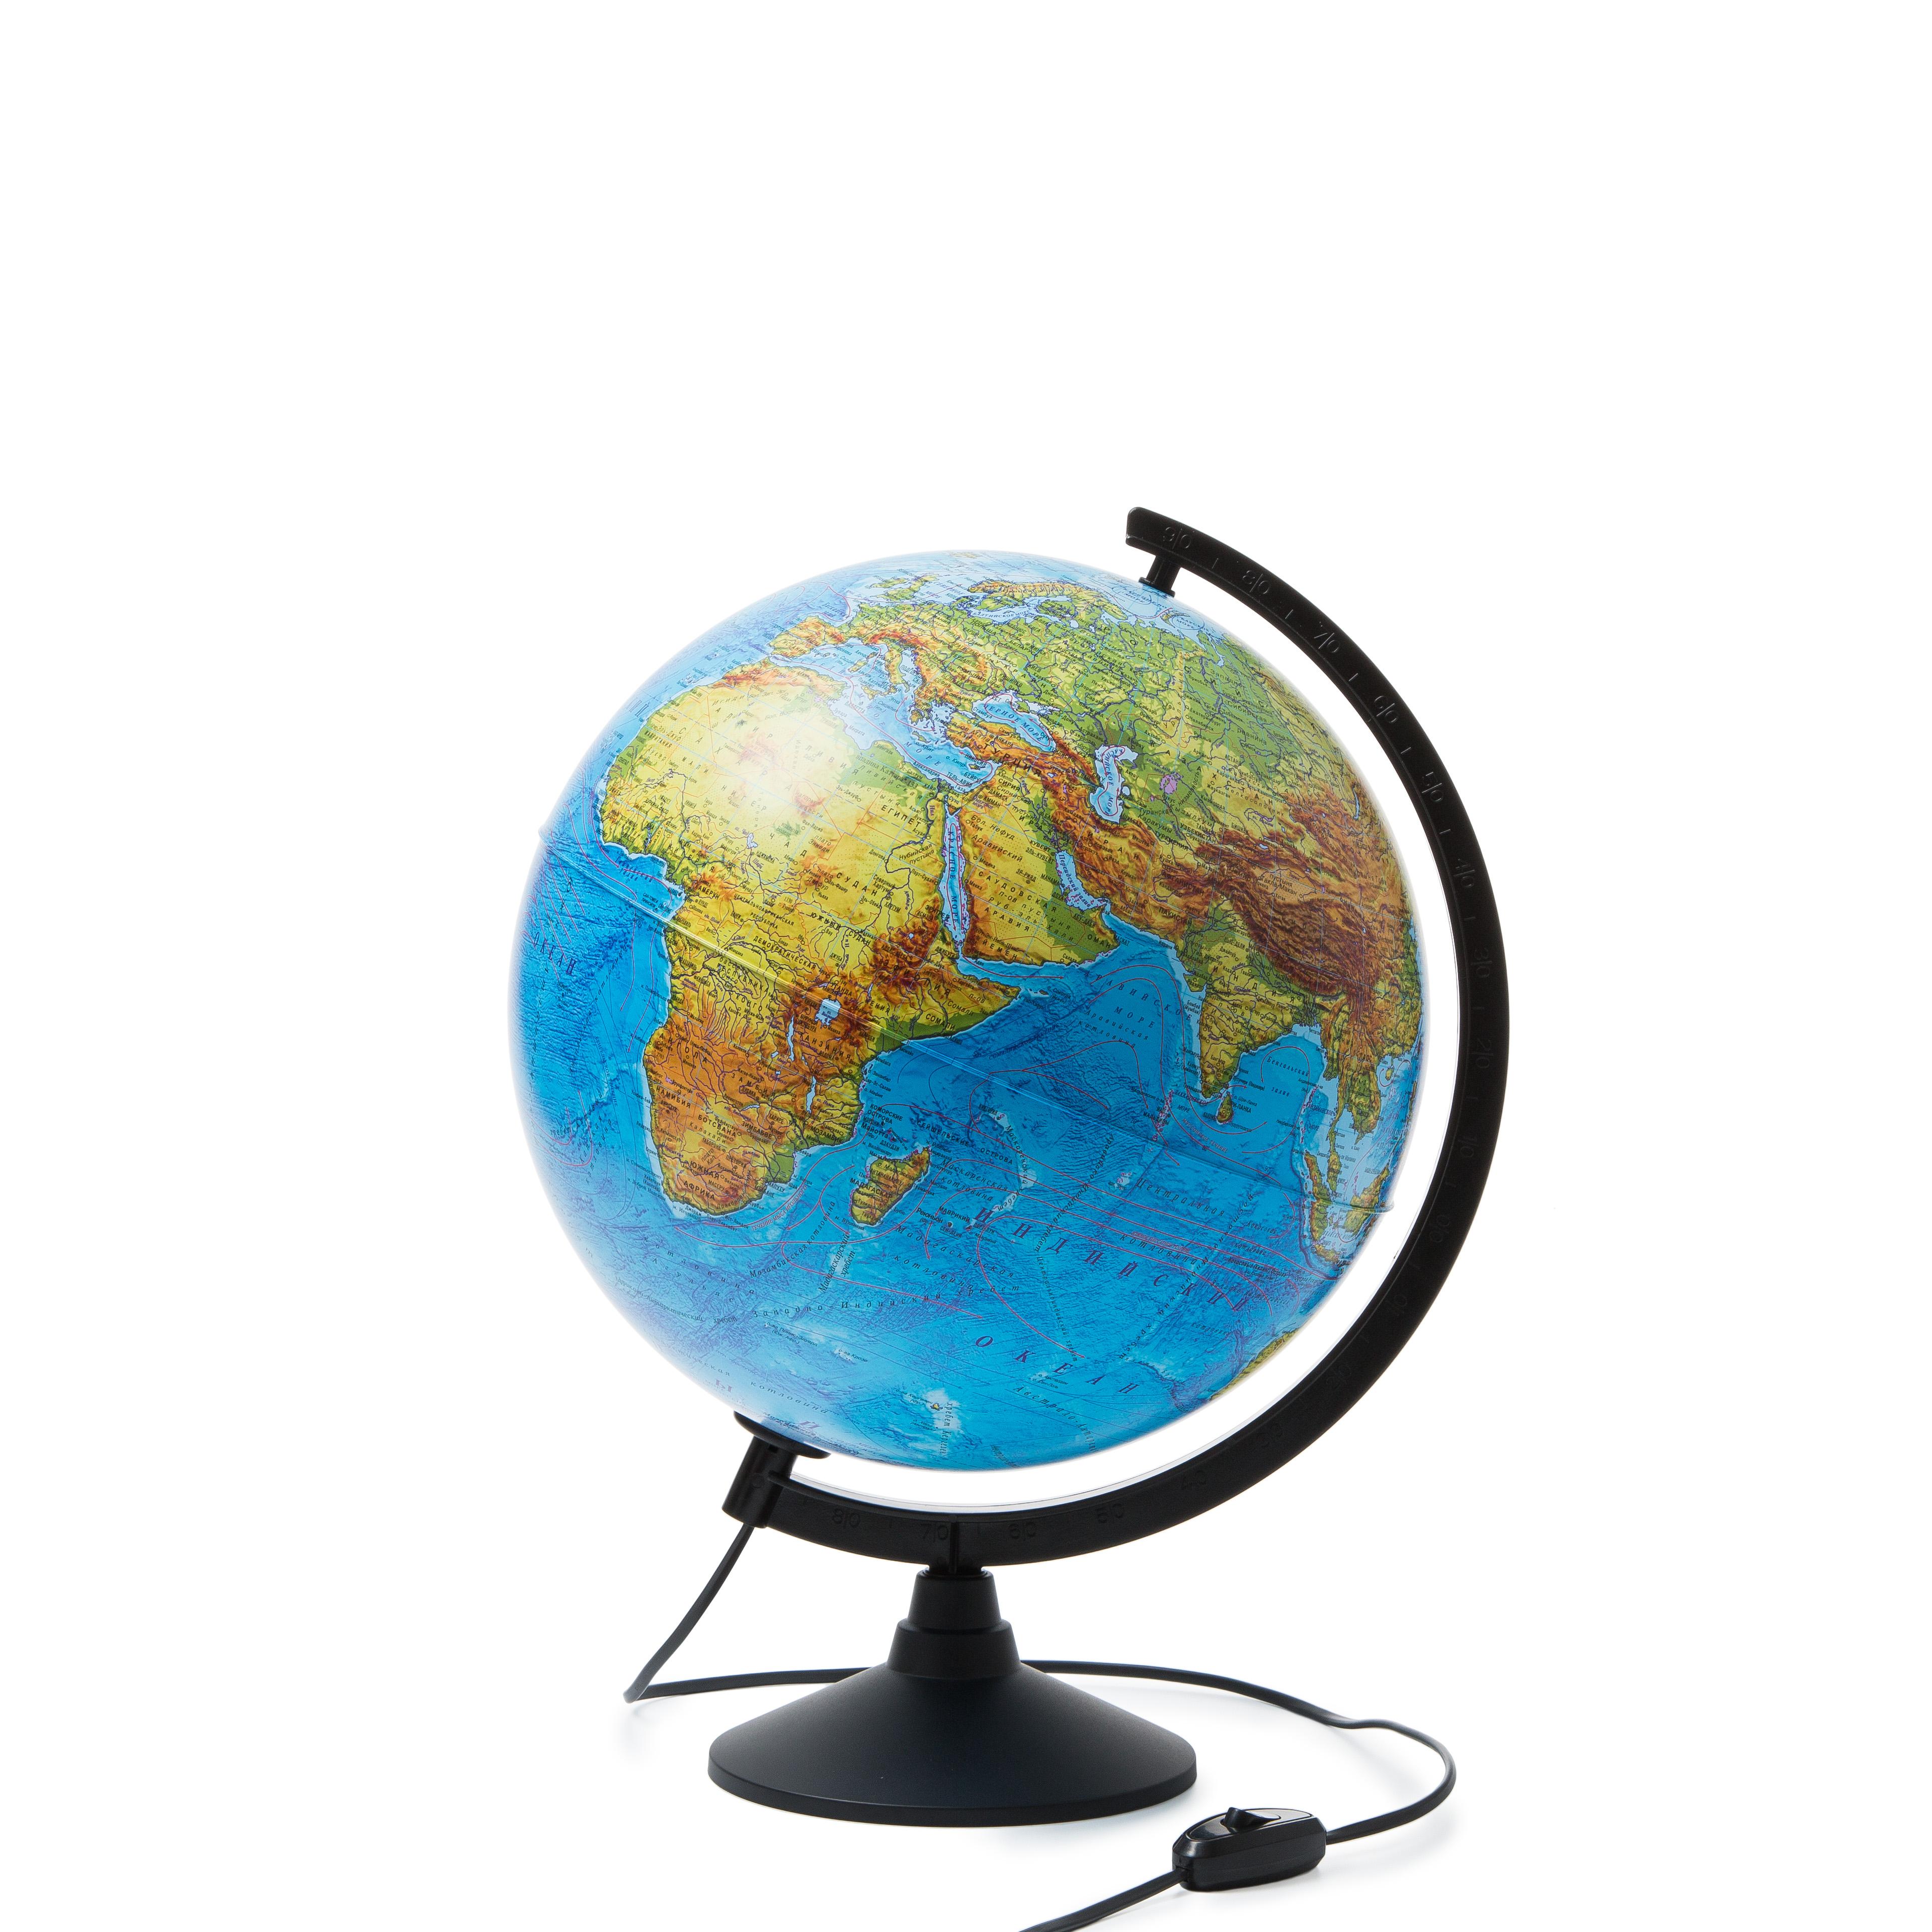 Глобус Globen Земли физический с подсветкой, диаметр 320 мм глобус globen физический рельефный